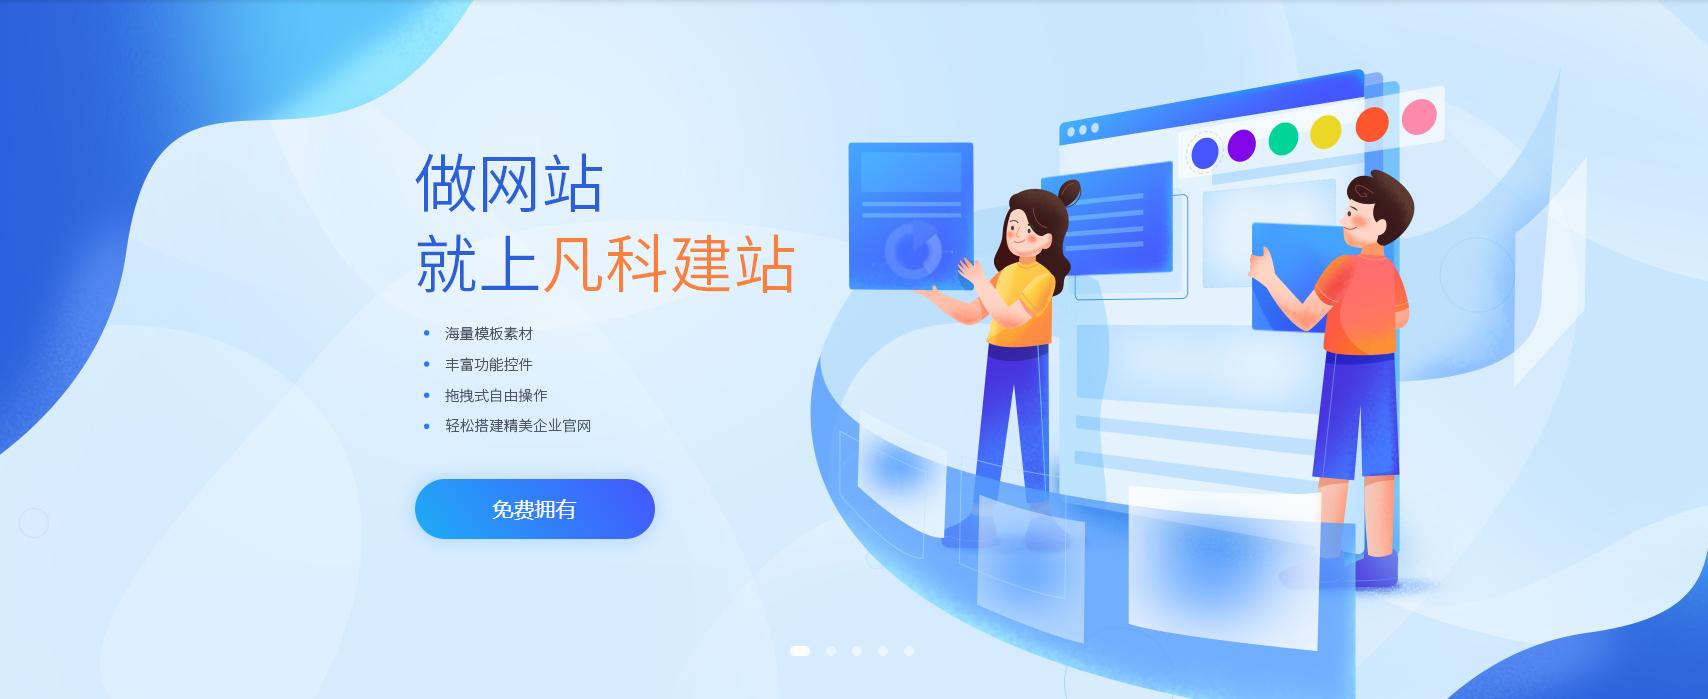 企业网站模板1